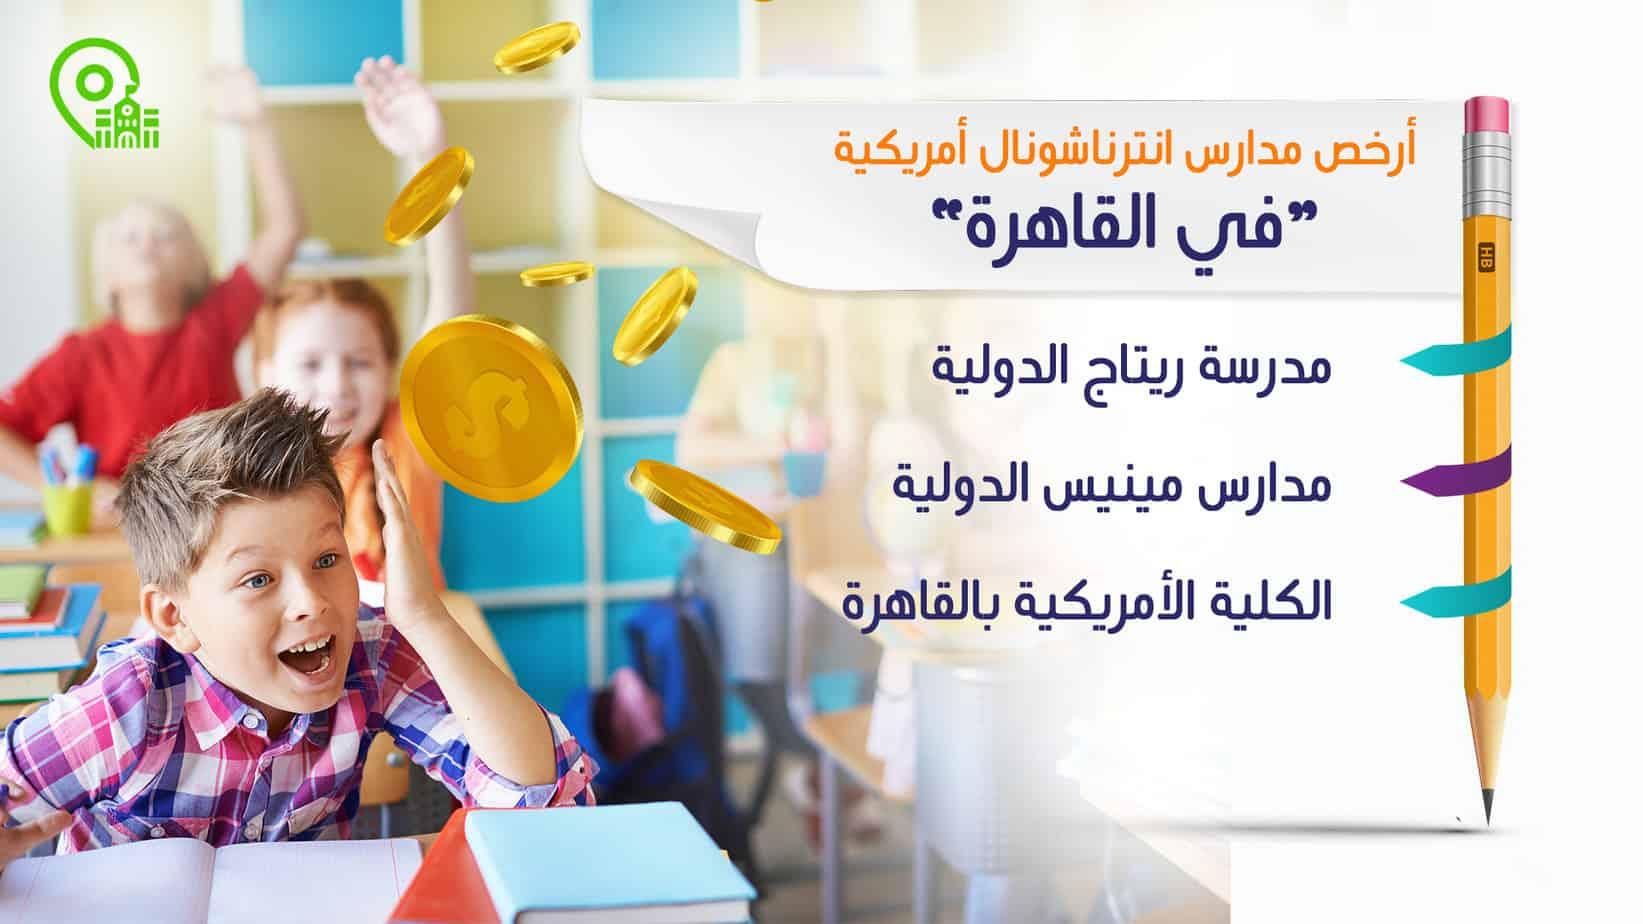 أرخص مدارس انترناشونال في القاهرة